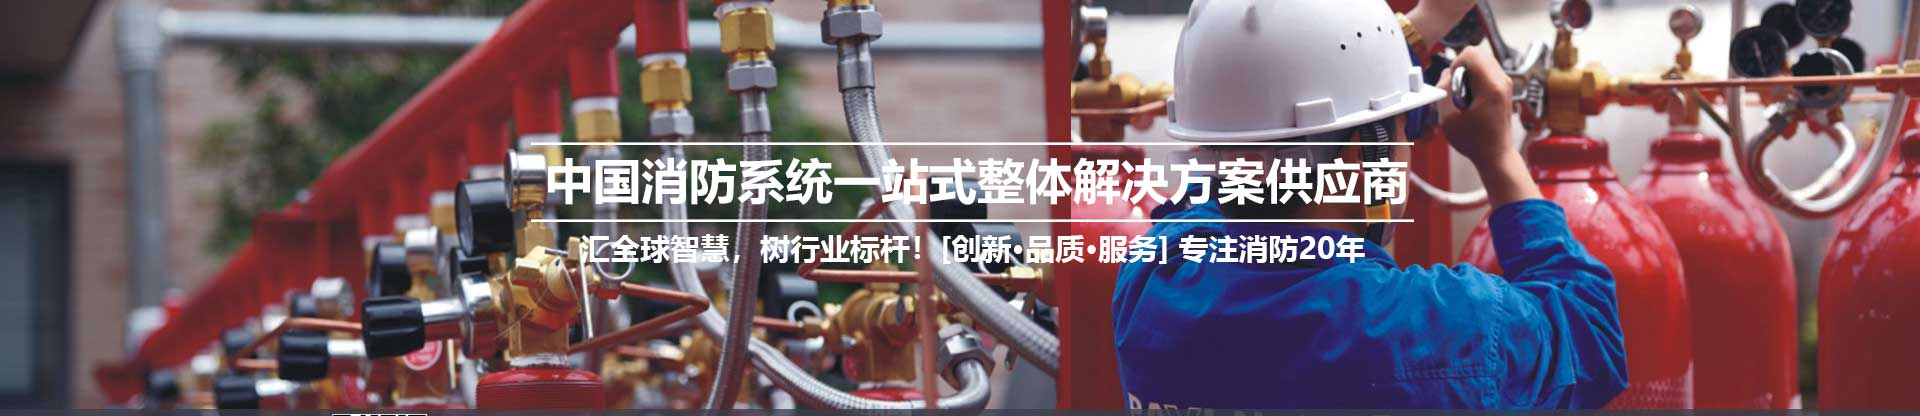 盘龙消防公司简介-磐龙消防公司简介是生产气体灭火系统/七氟丙烷/高压二氧化碳/超细干粉/ig541/探火管及防火卷帘门的厂家